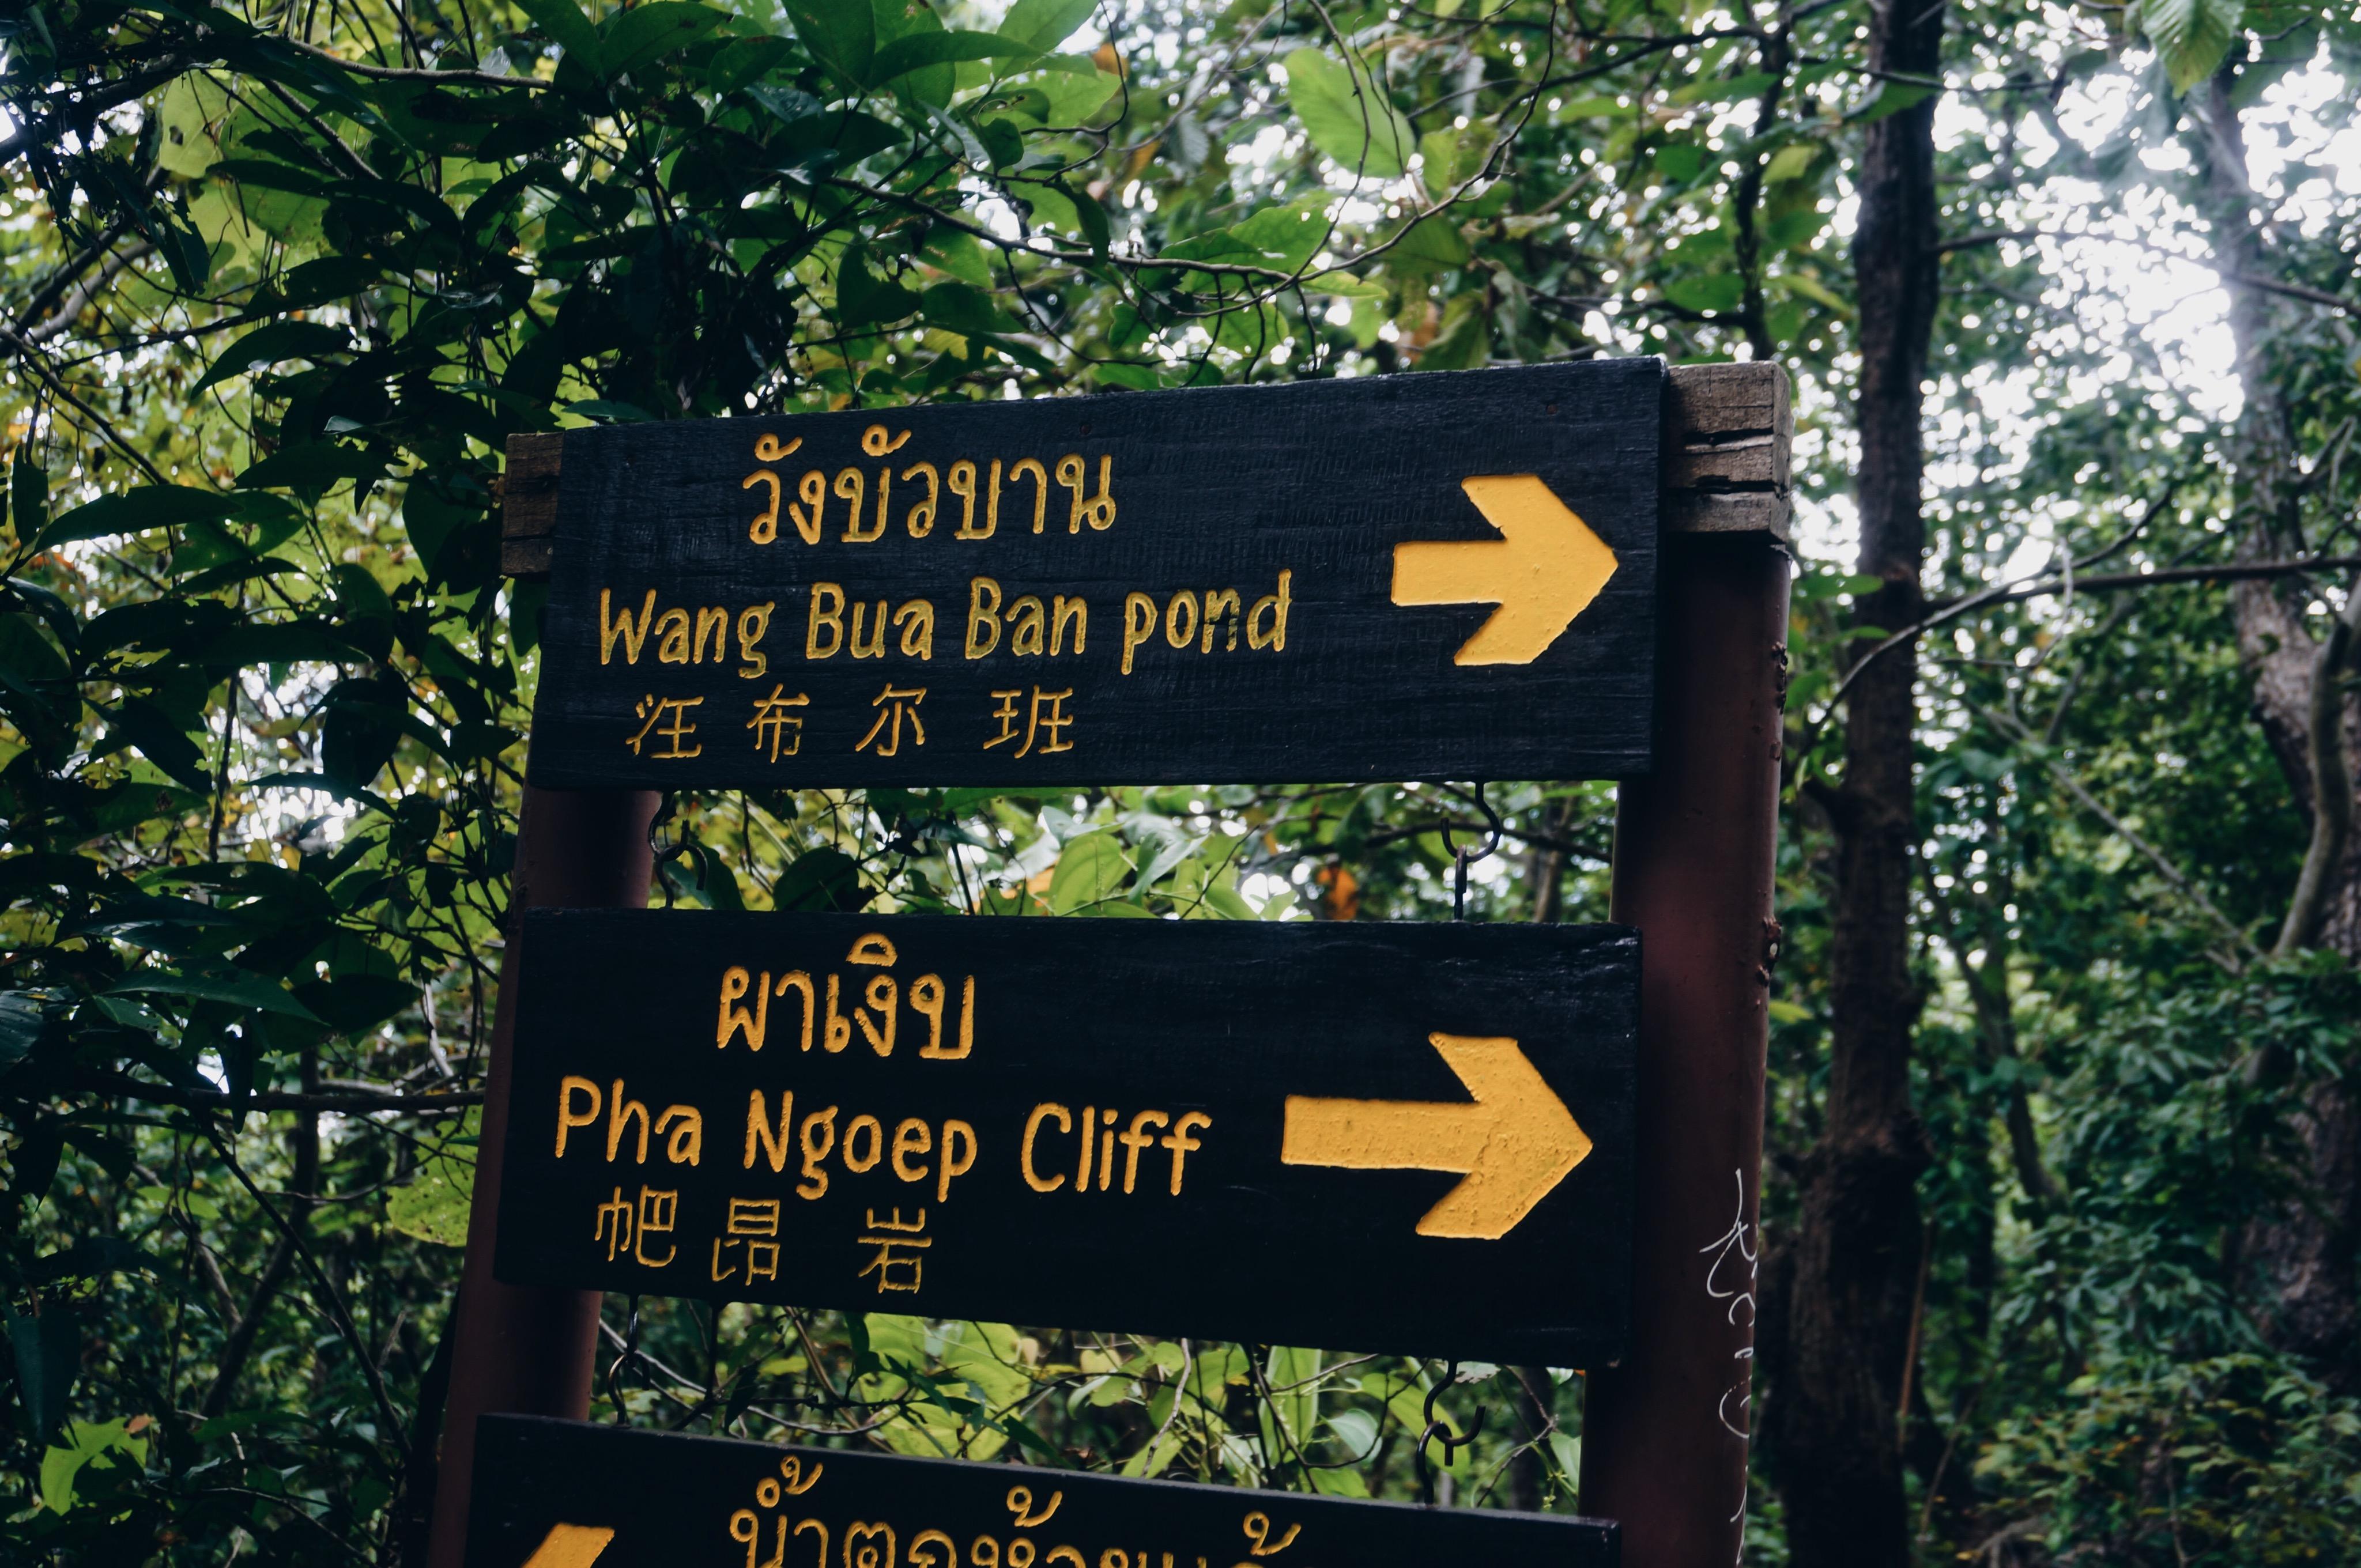 Schild Wasserfall Thailand, Wang Bua Ban Pond